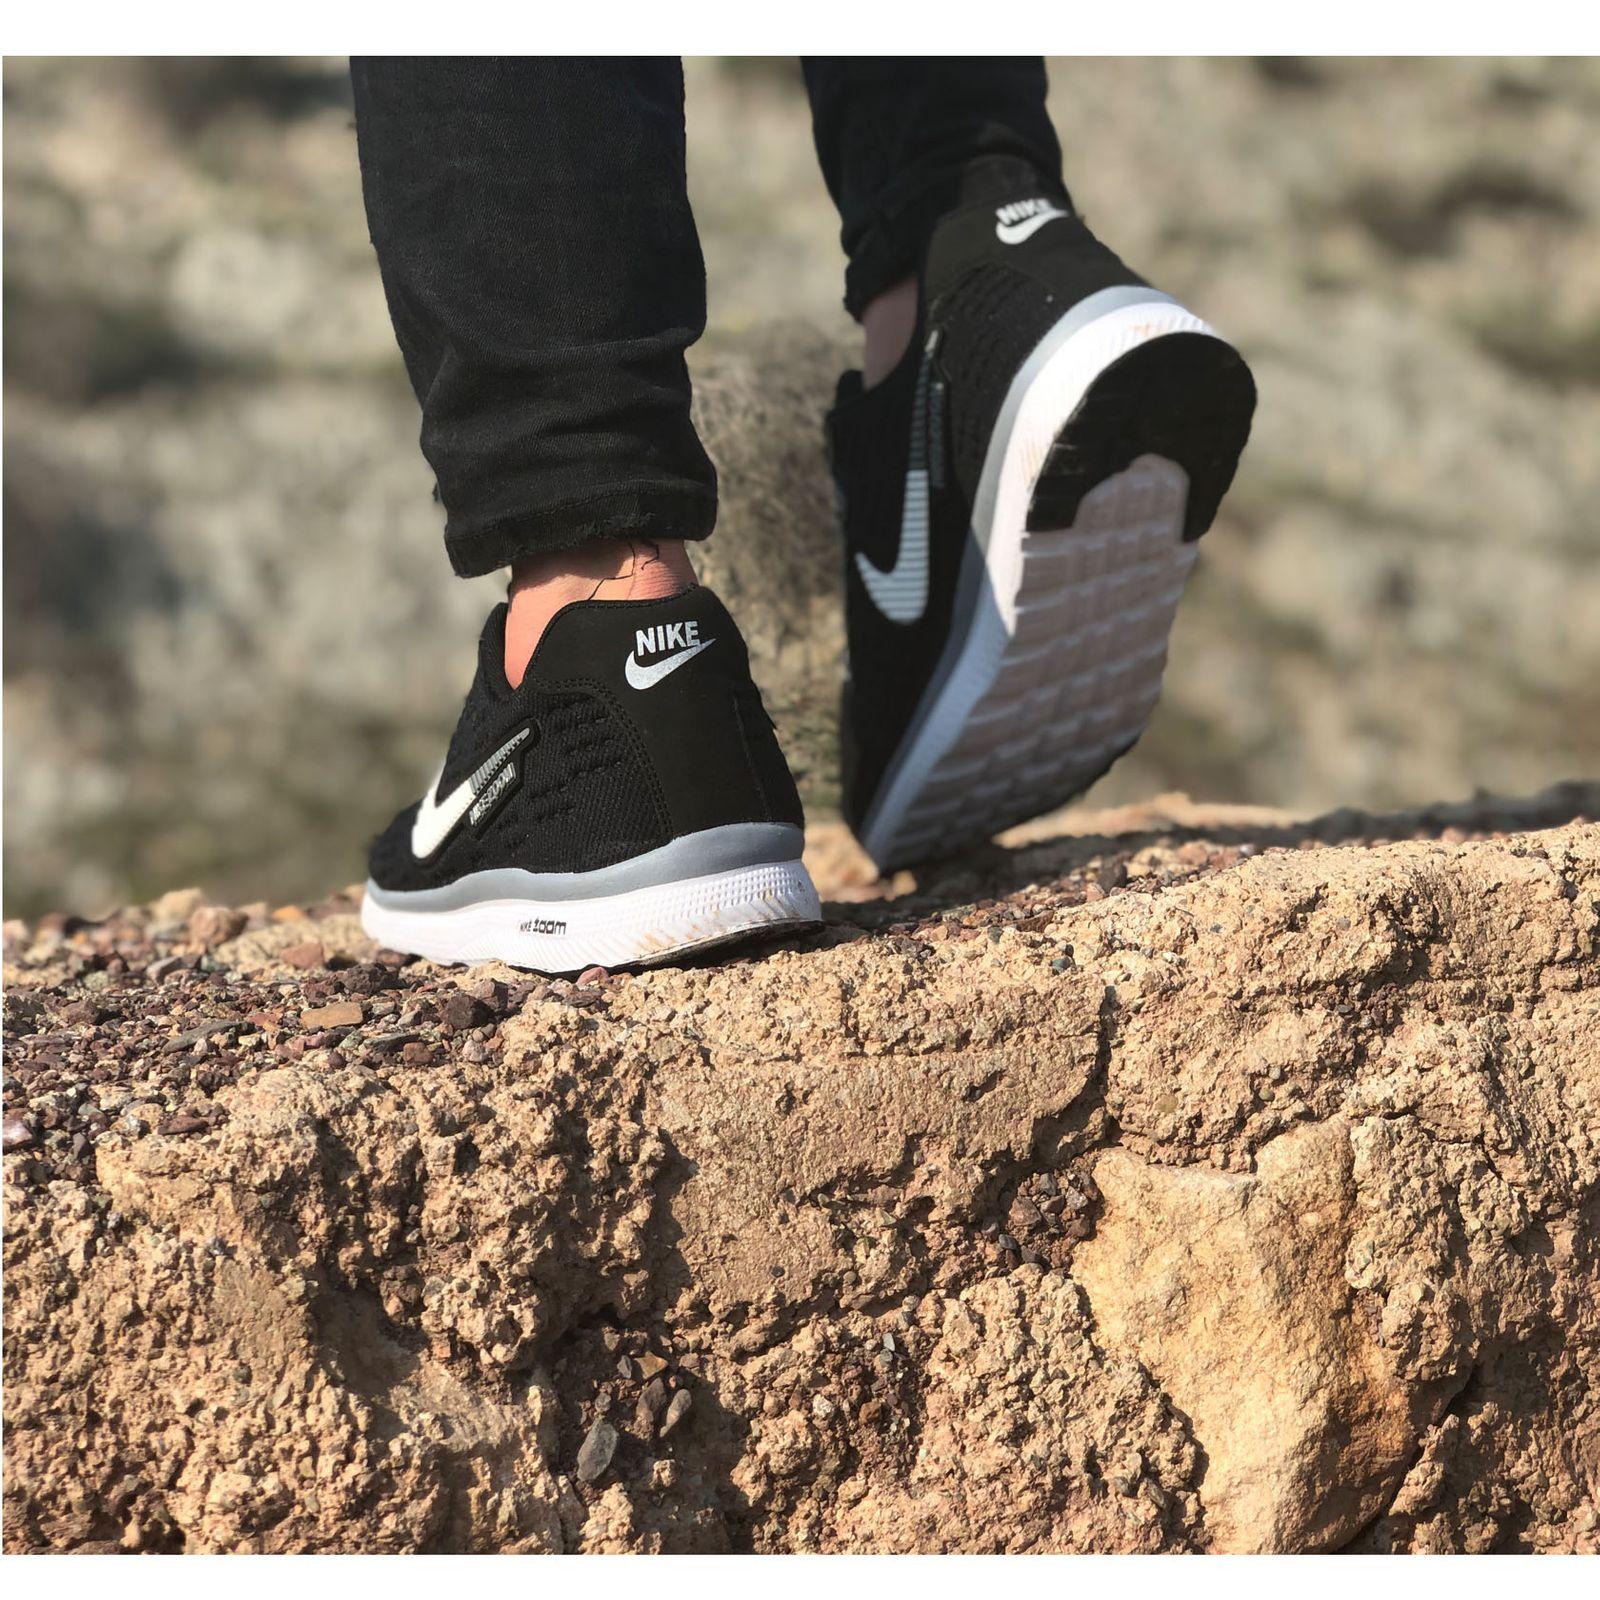 کفش مخصوص پیاده روی مردانه کد nk 200 main 1 4